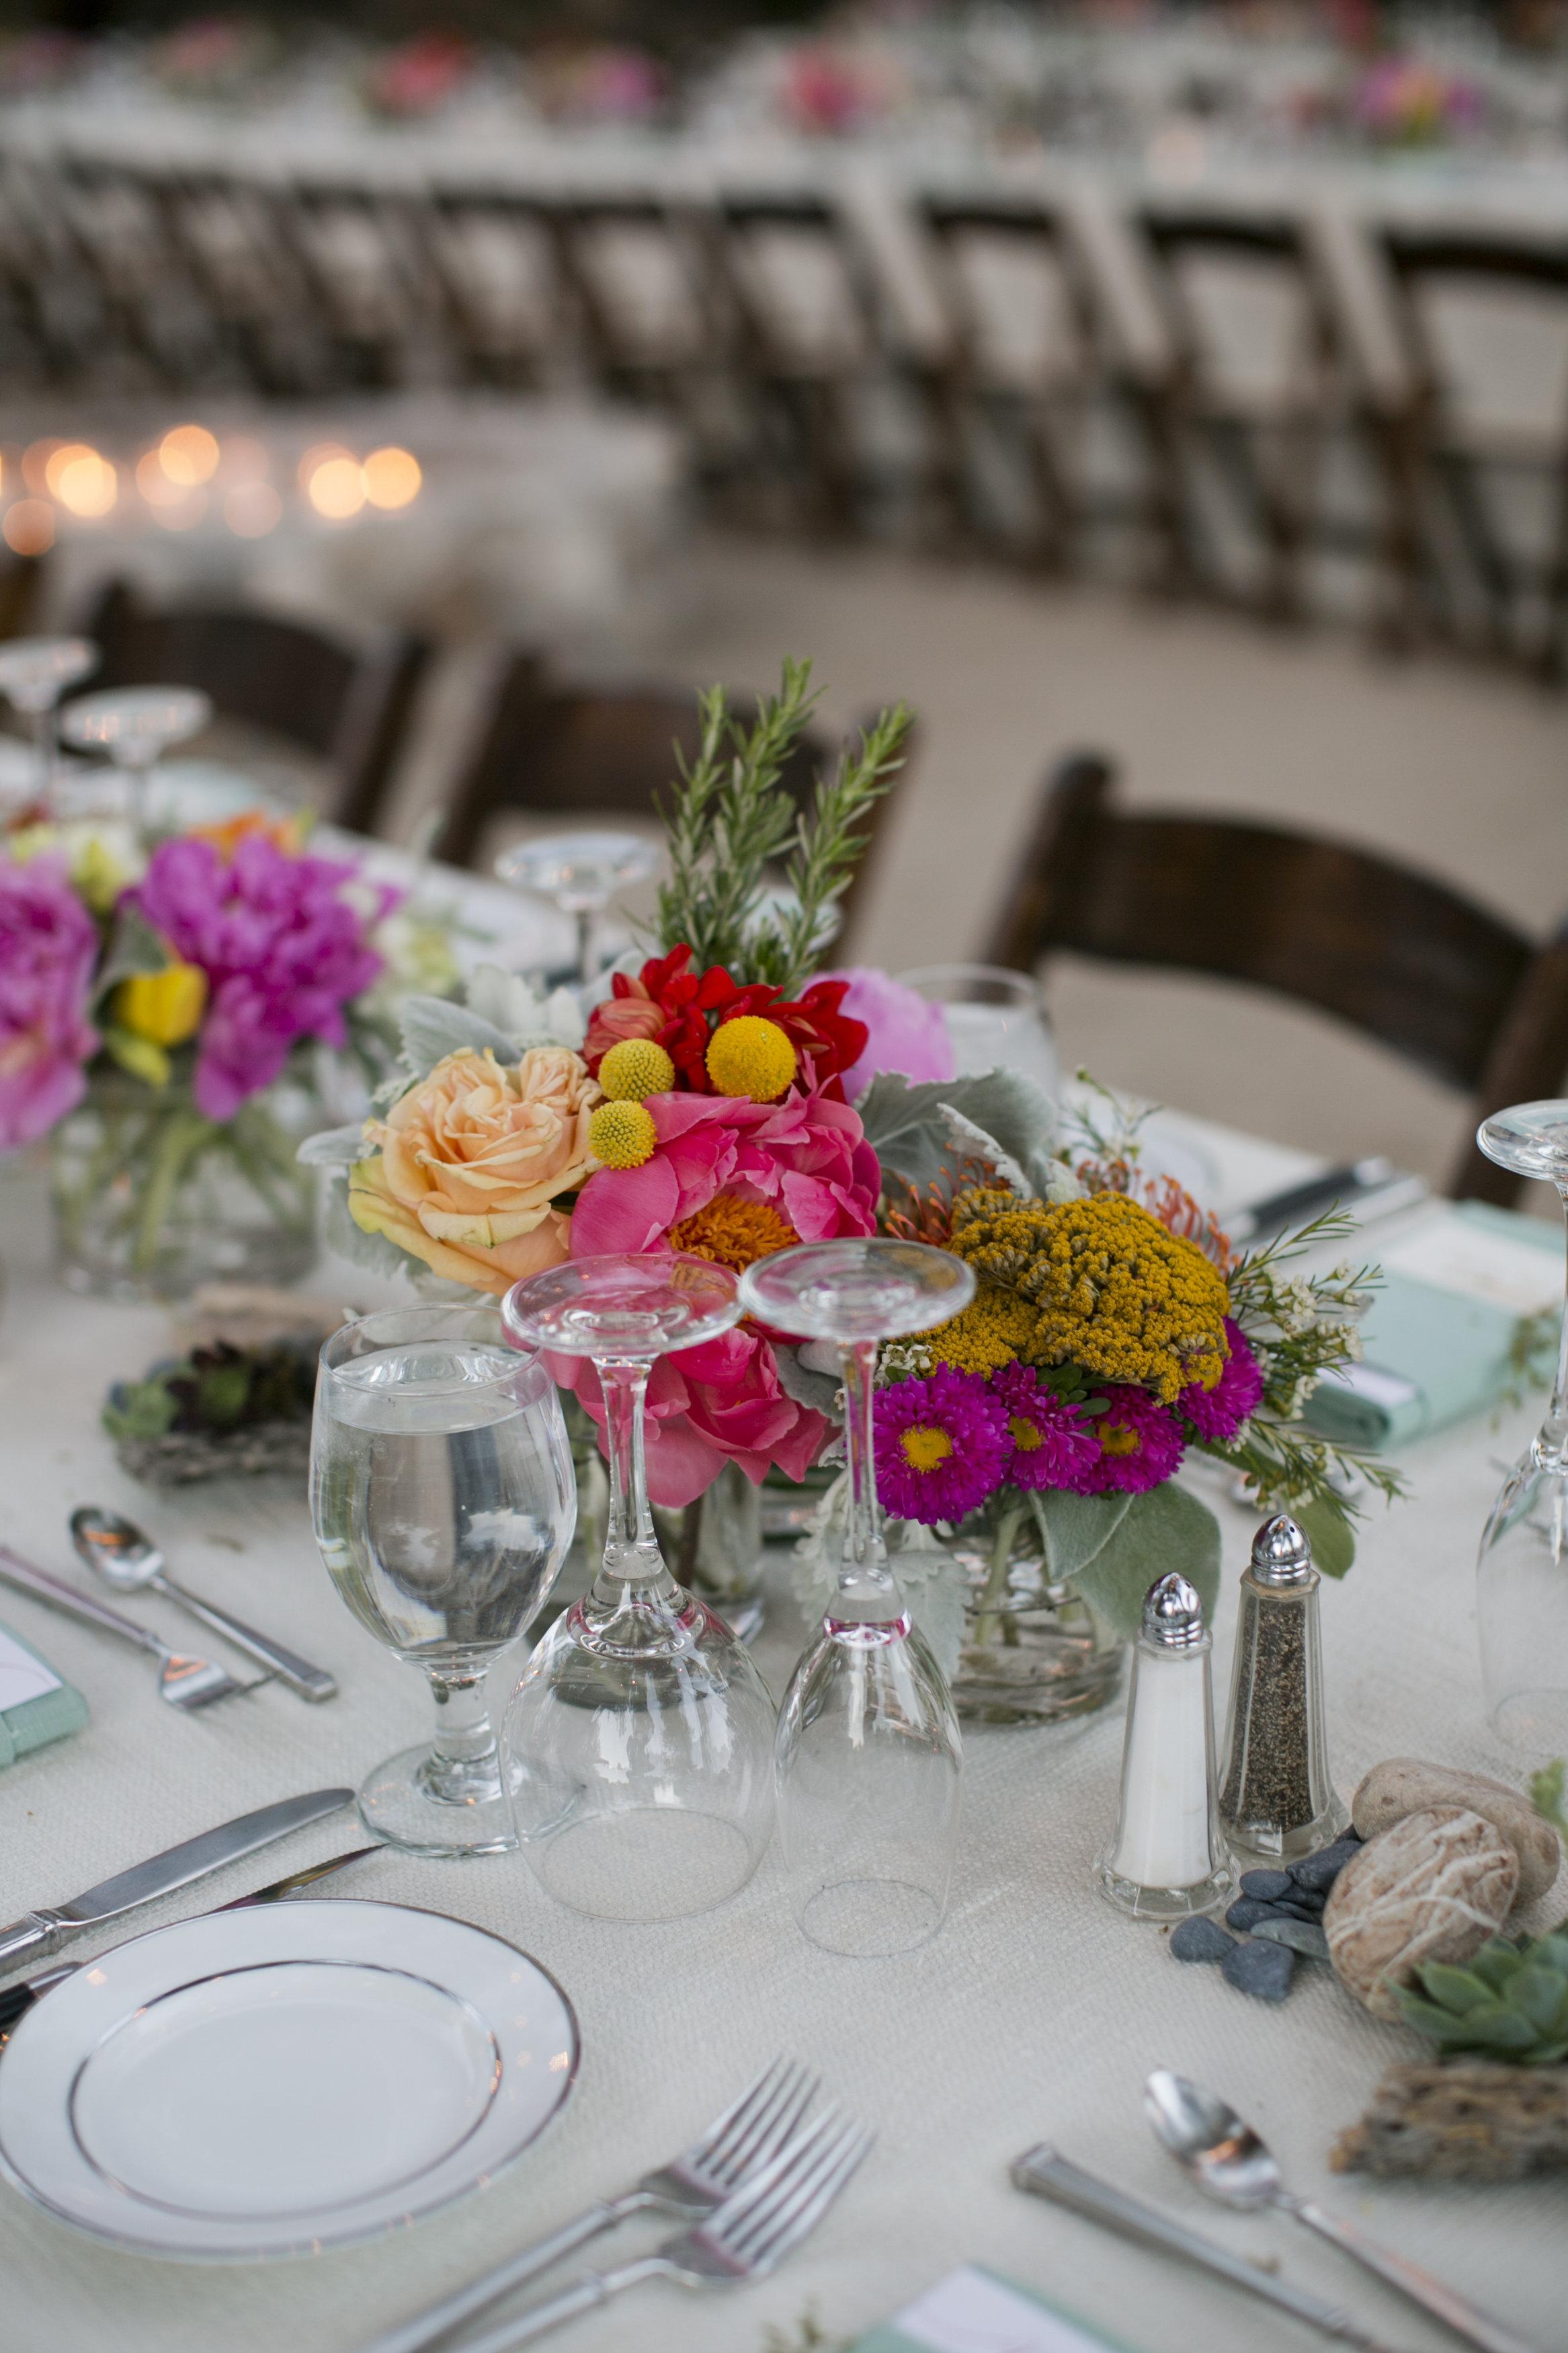 Ceci_New_York_Ceci_Style_Ceci_Johnson_Luxury_Lifestyle_Arizona_Wedding_Watercolor_Inspiration_Design_Custom_Couture_Personalized_Invitations_148.jpg